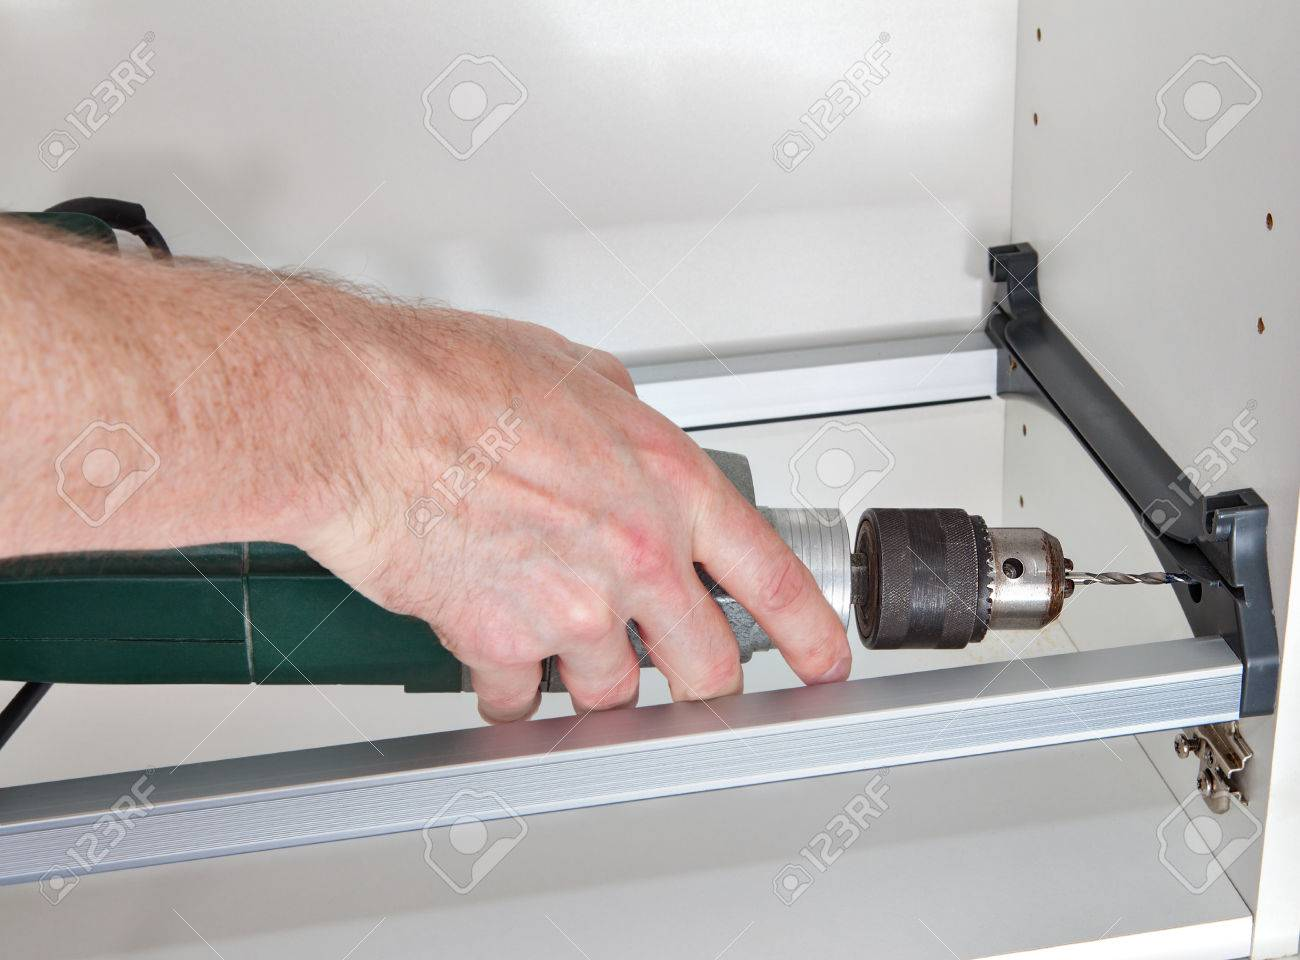 La instalación de muebles de cocina, construir un armario de pared para  secar platos, trabajador de la madera agujero se perfora utilizando un ...